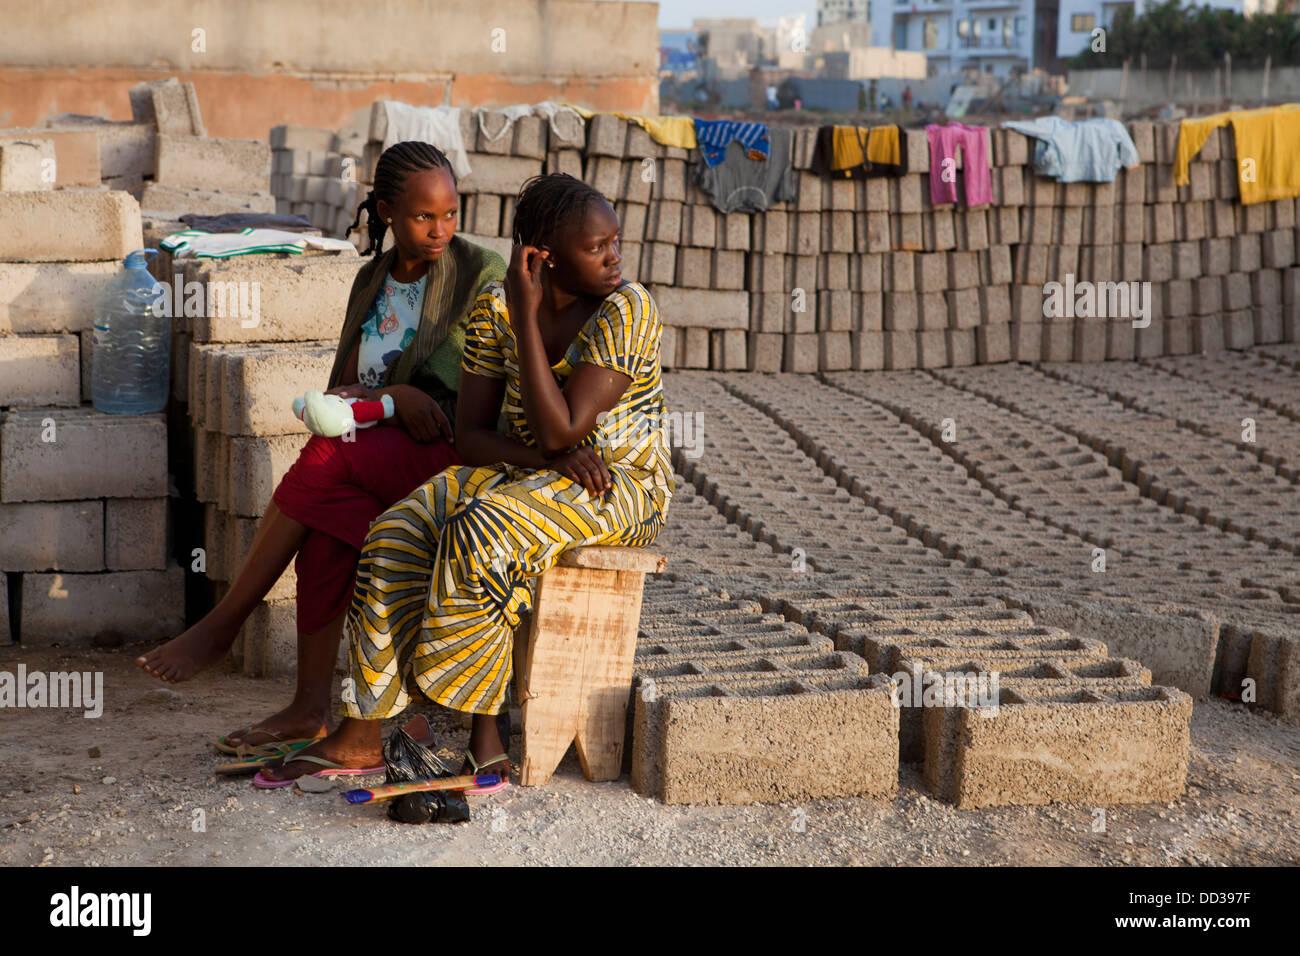 La vita quotidiana nella periferia di Dakar, Senegal. Immagini Stock